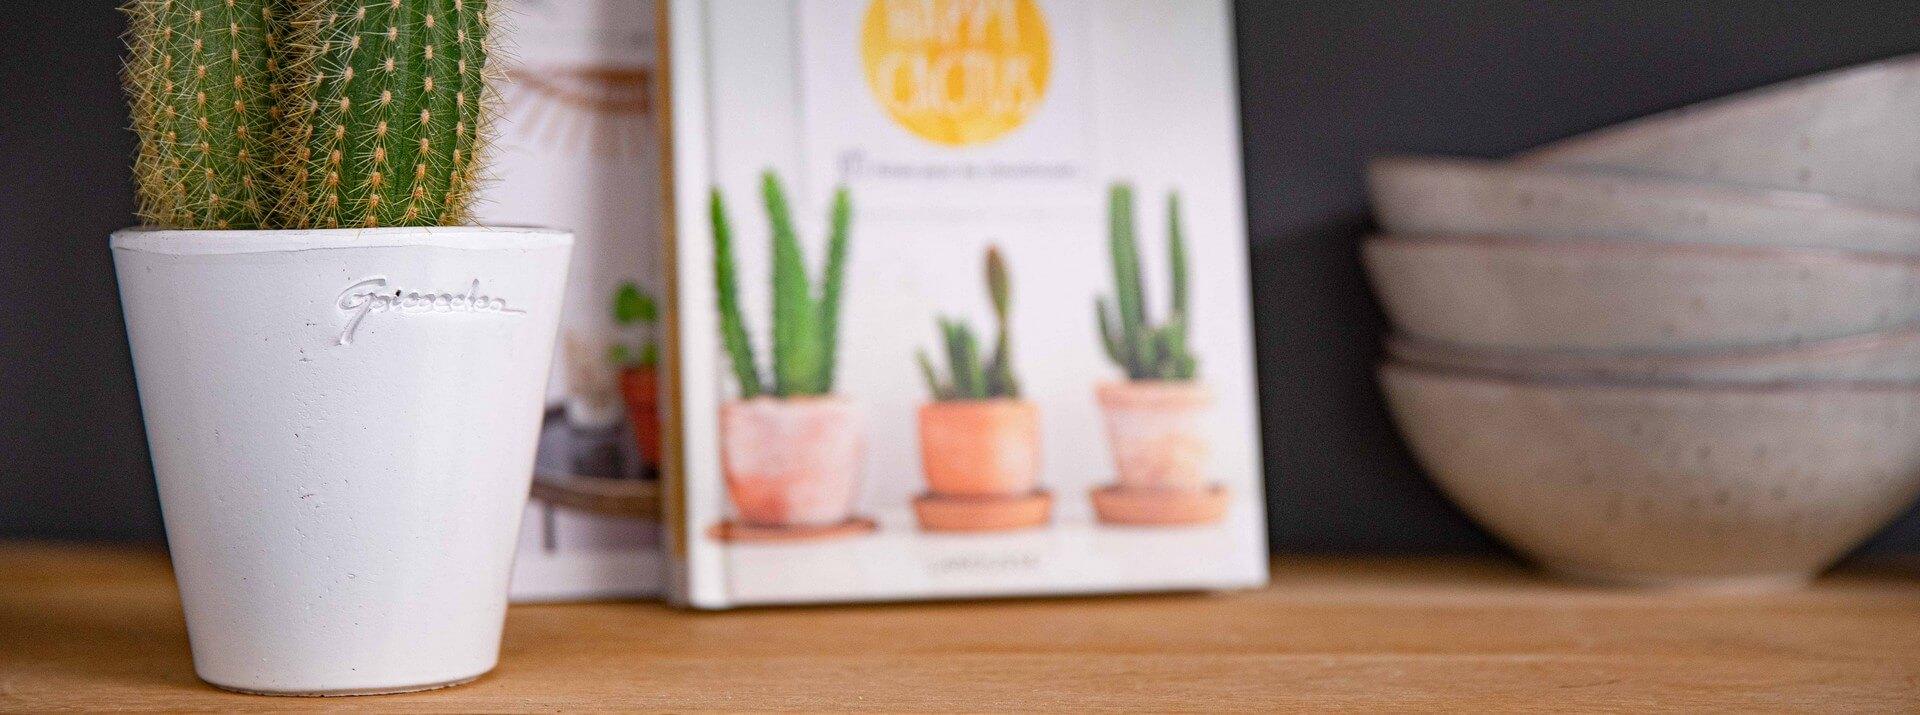 Livres plantes d'intérieur